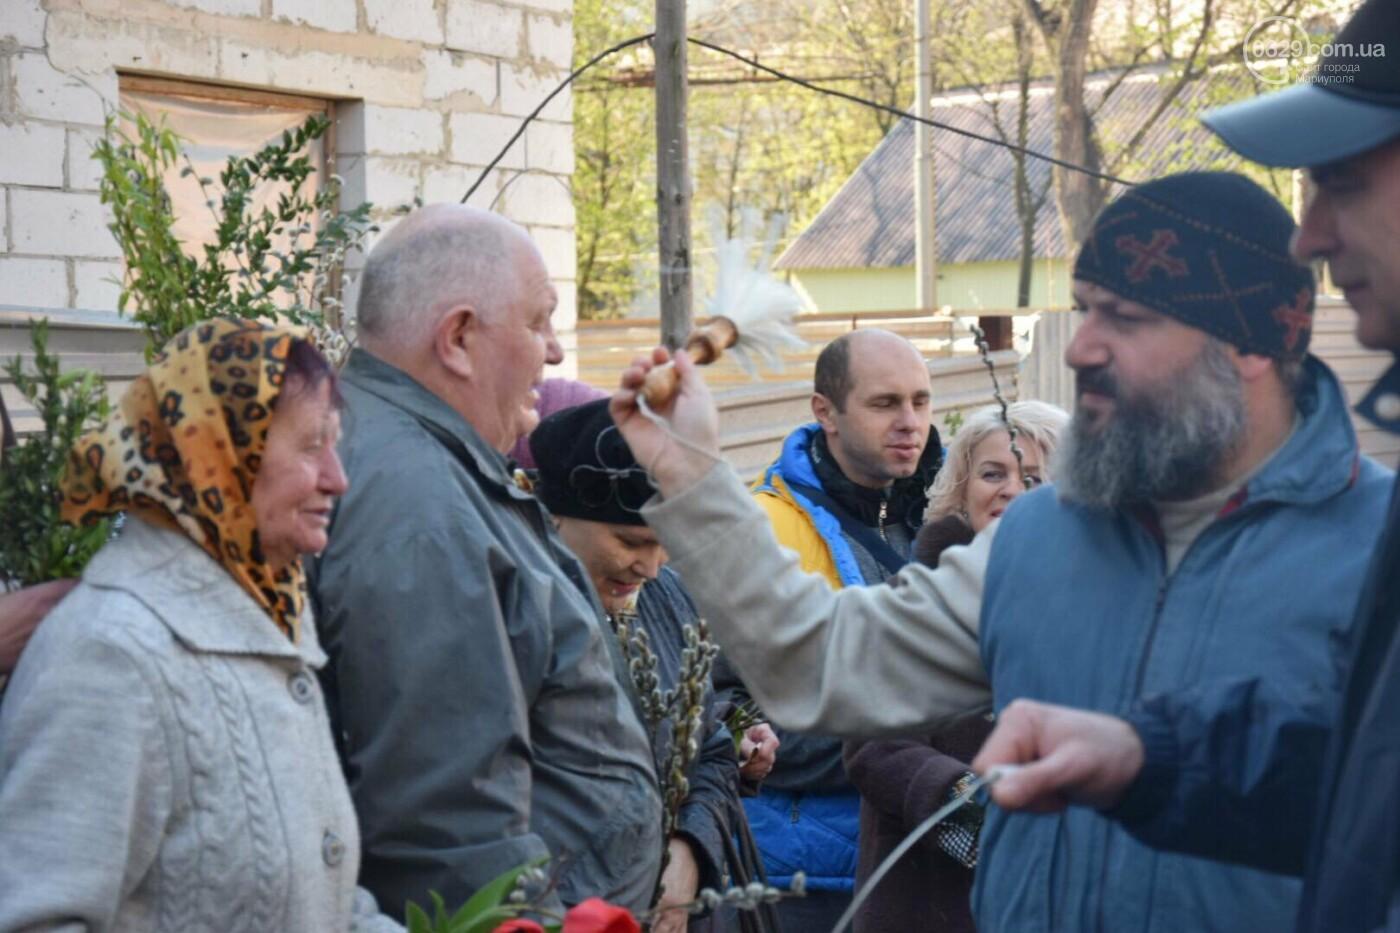 Выборы и верба: как Мариуполь празднует православный праздник, - ФОТОРЕПОРТАЖ, фото-6